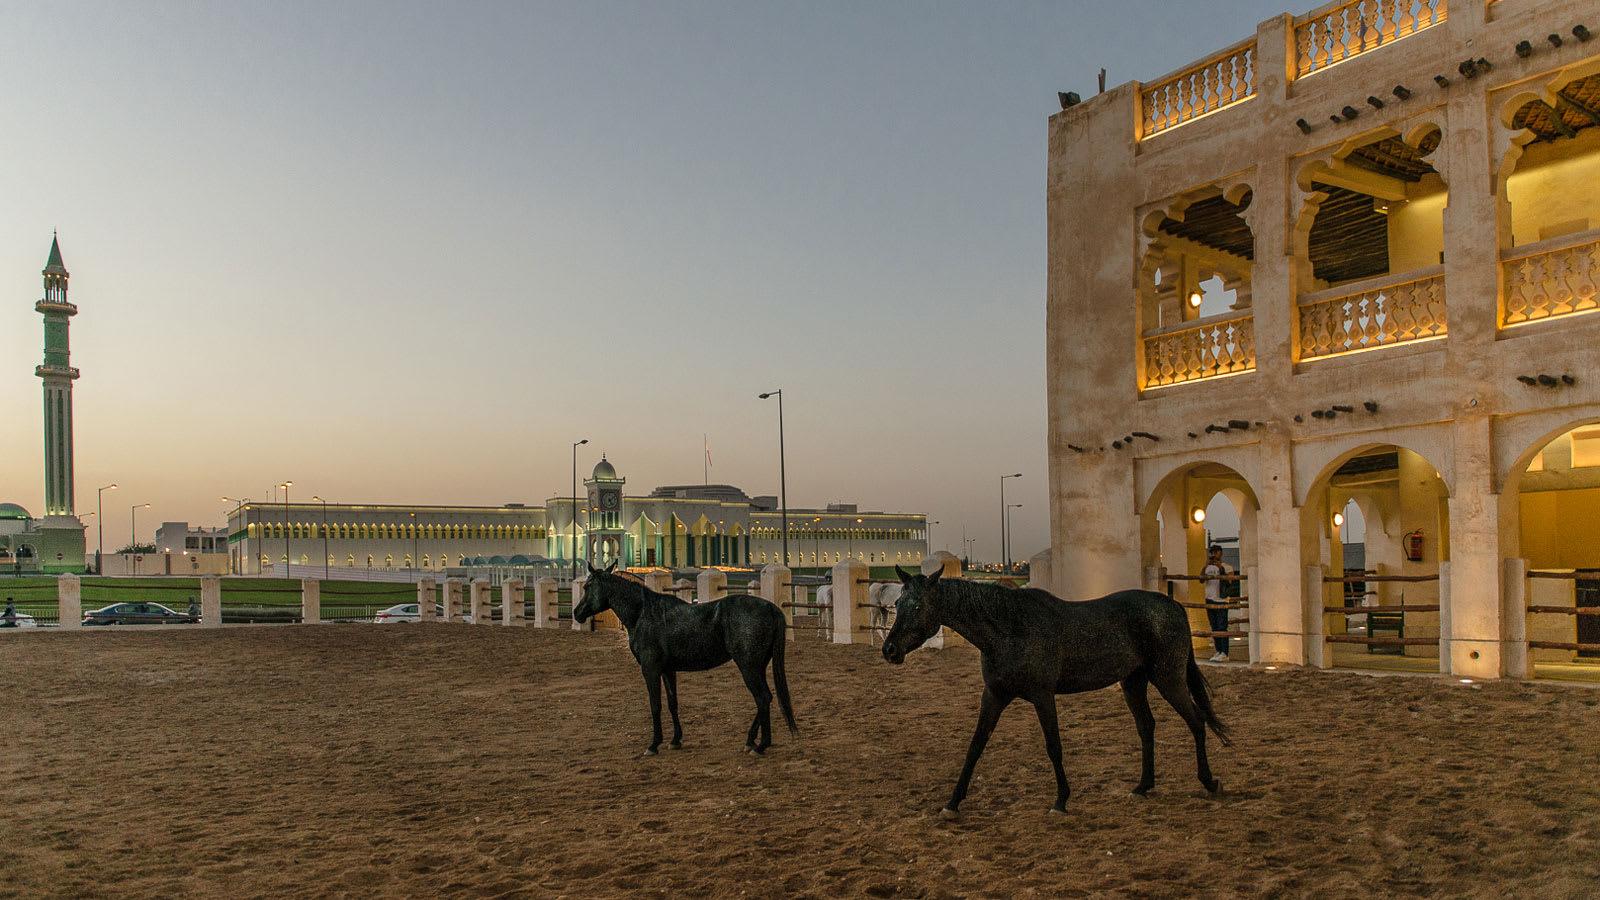 سوق واقف.. إليك 10 أشياء يجب رؤيتها والقيام بها بأقدم سوق في العاصمة القطرية